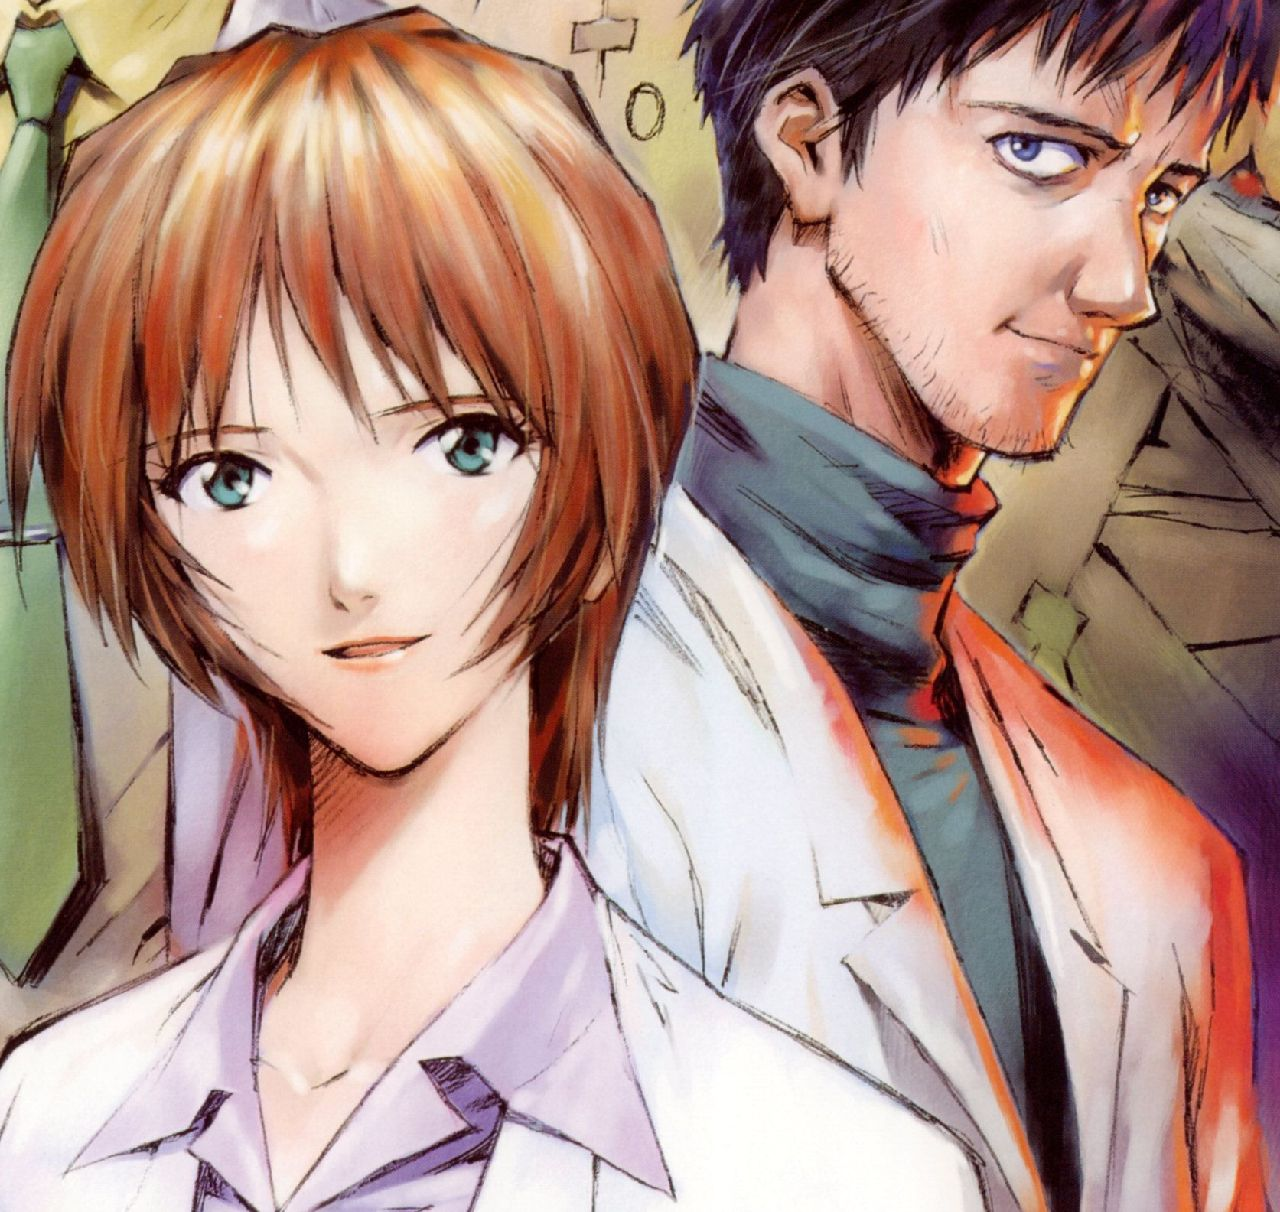 personajes de evangelion yui ikari